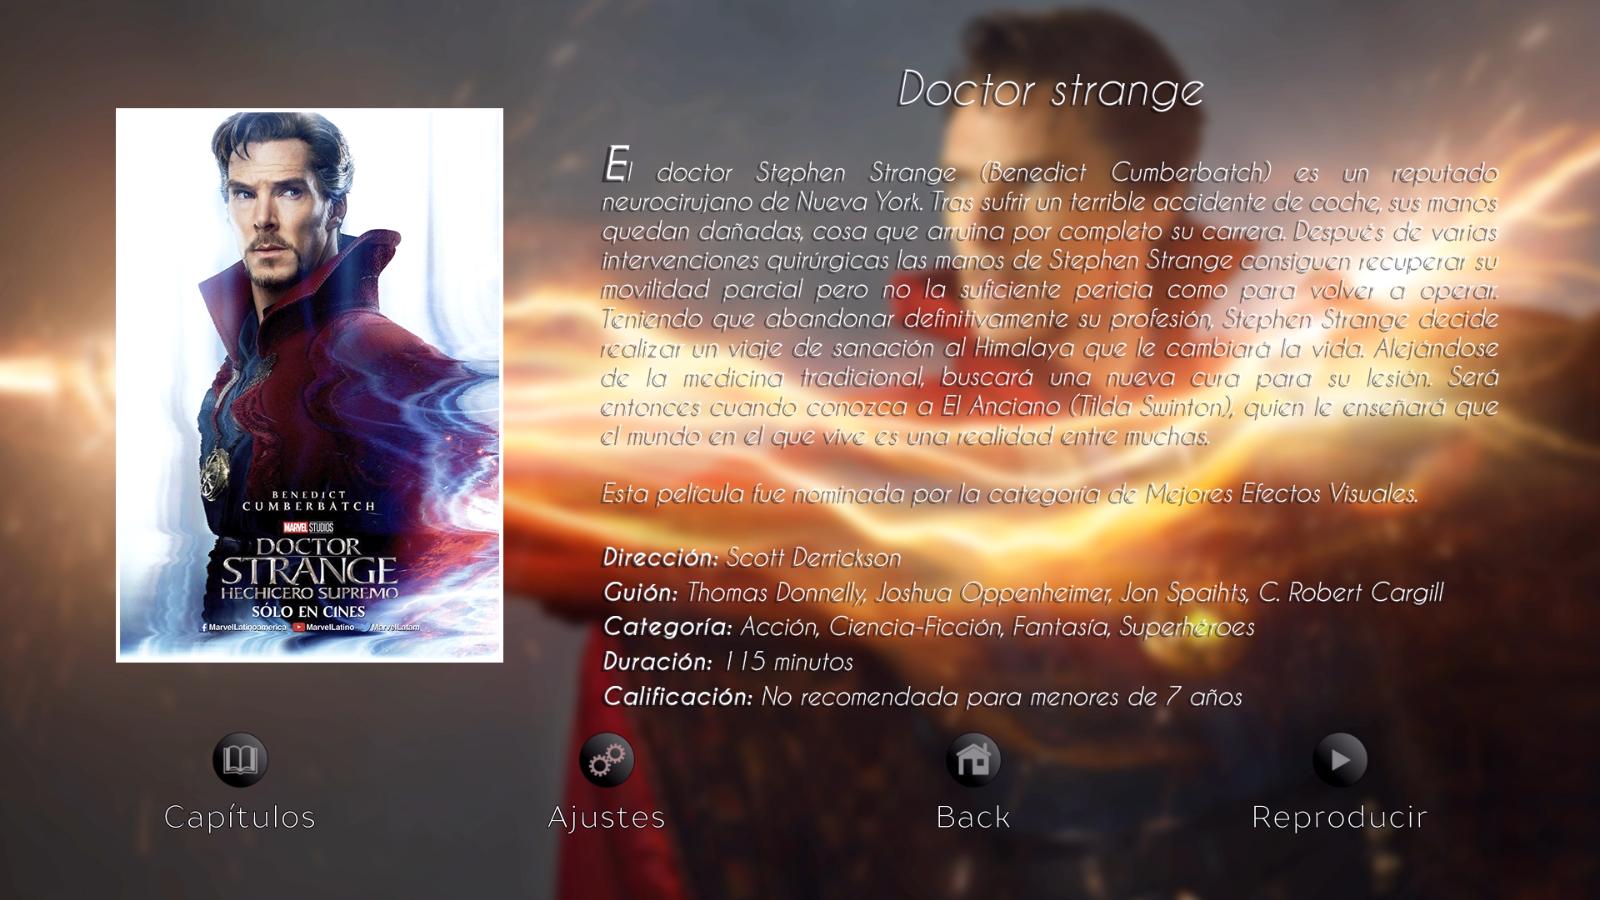 Menú de opciones Doctor Strange - Disco 03 Colección The Oscars Nominateds 2017